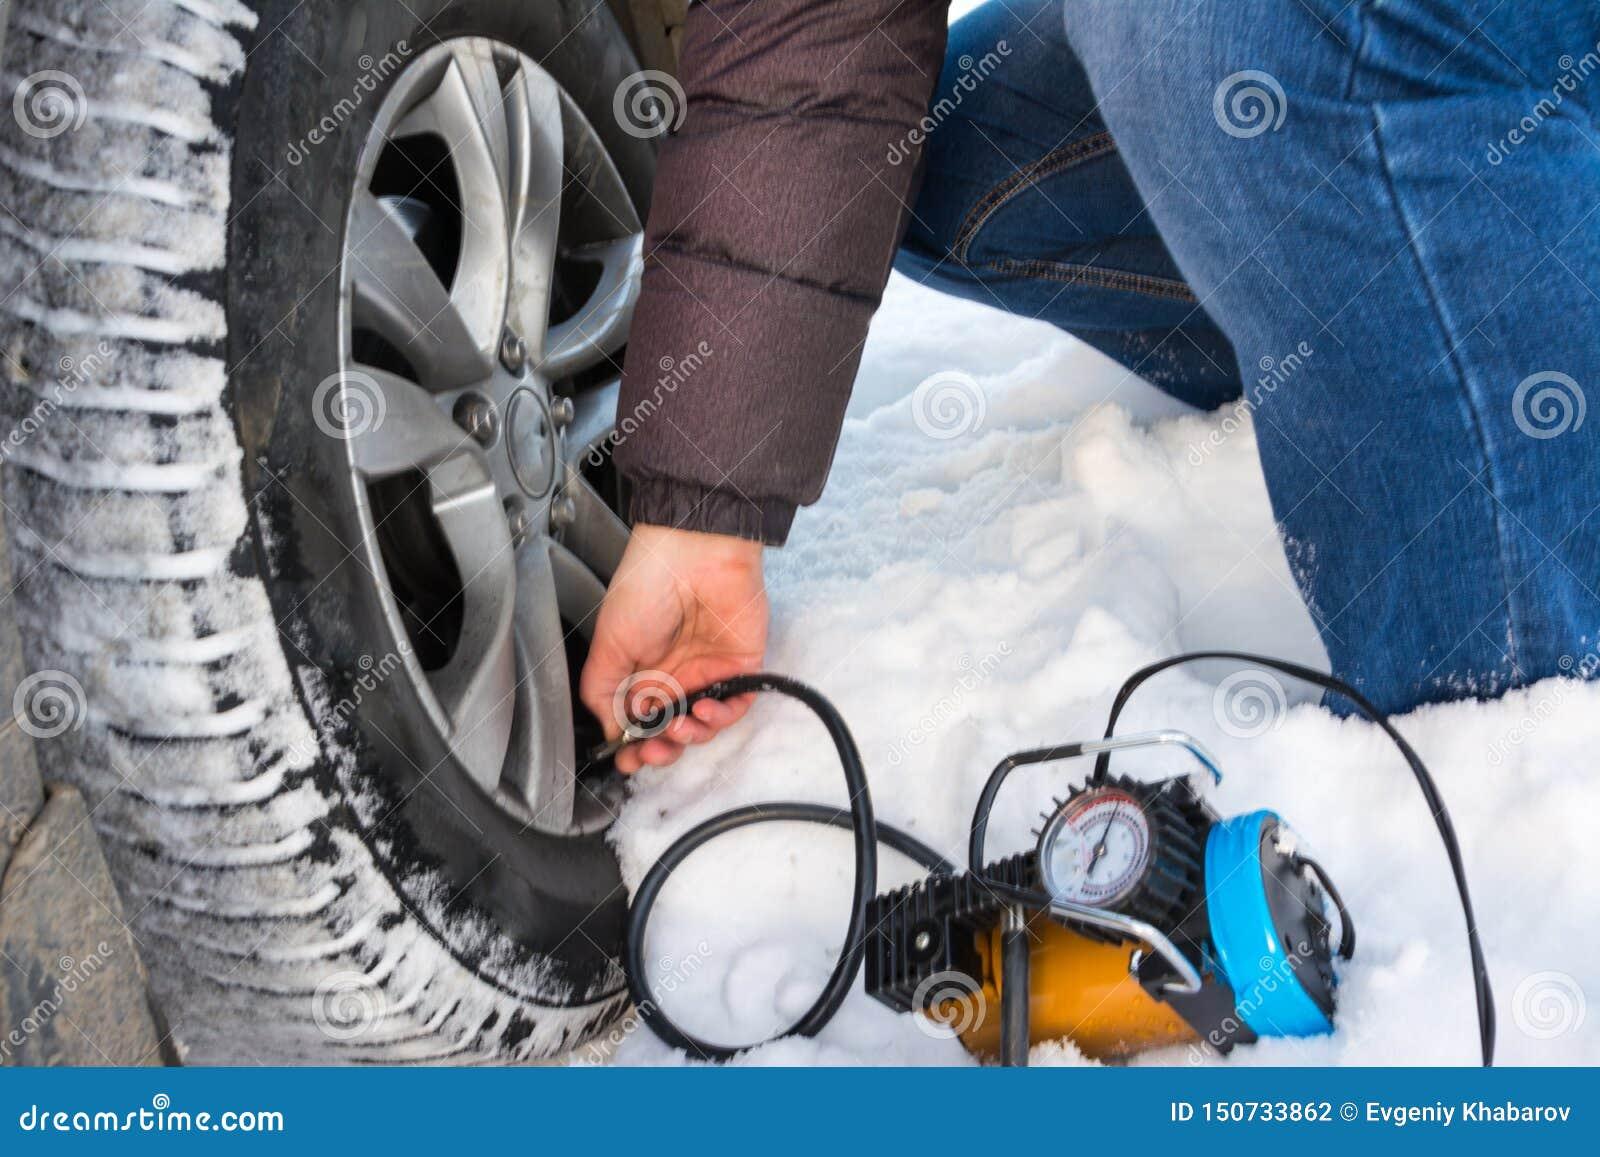 Aire de relleno en un neum?tico de coche Invierno Primer de reparar un compresor del uso del neumático desinflado